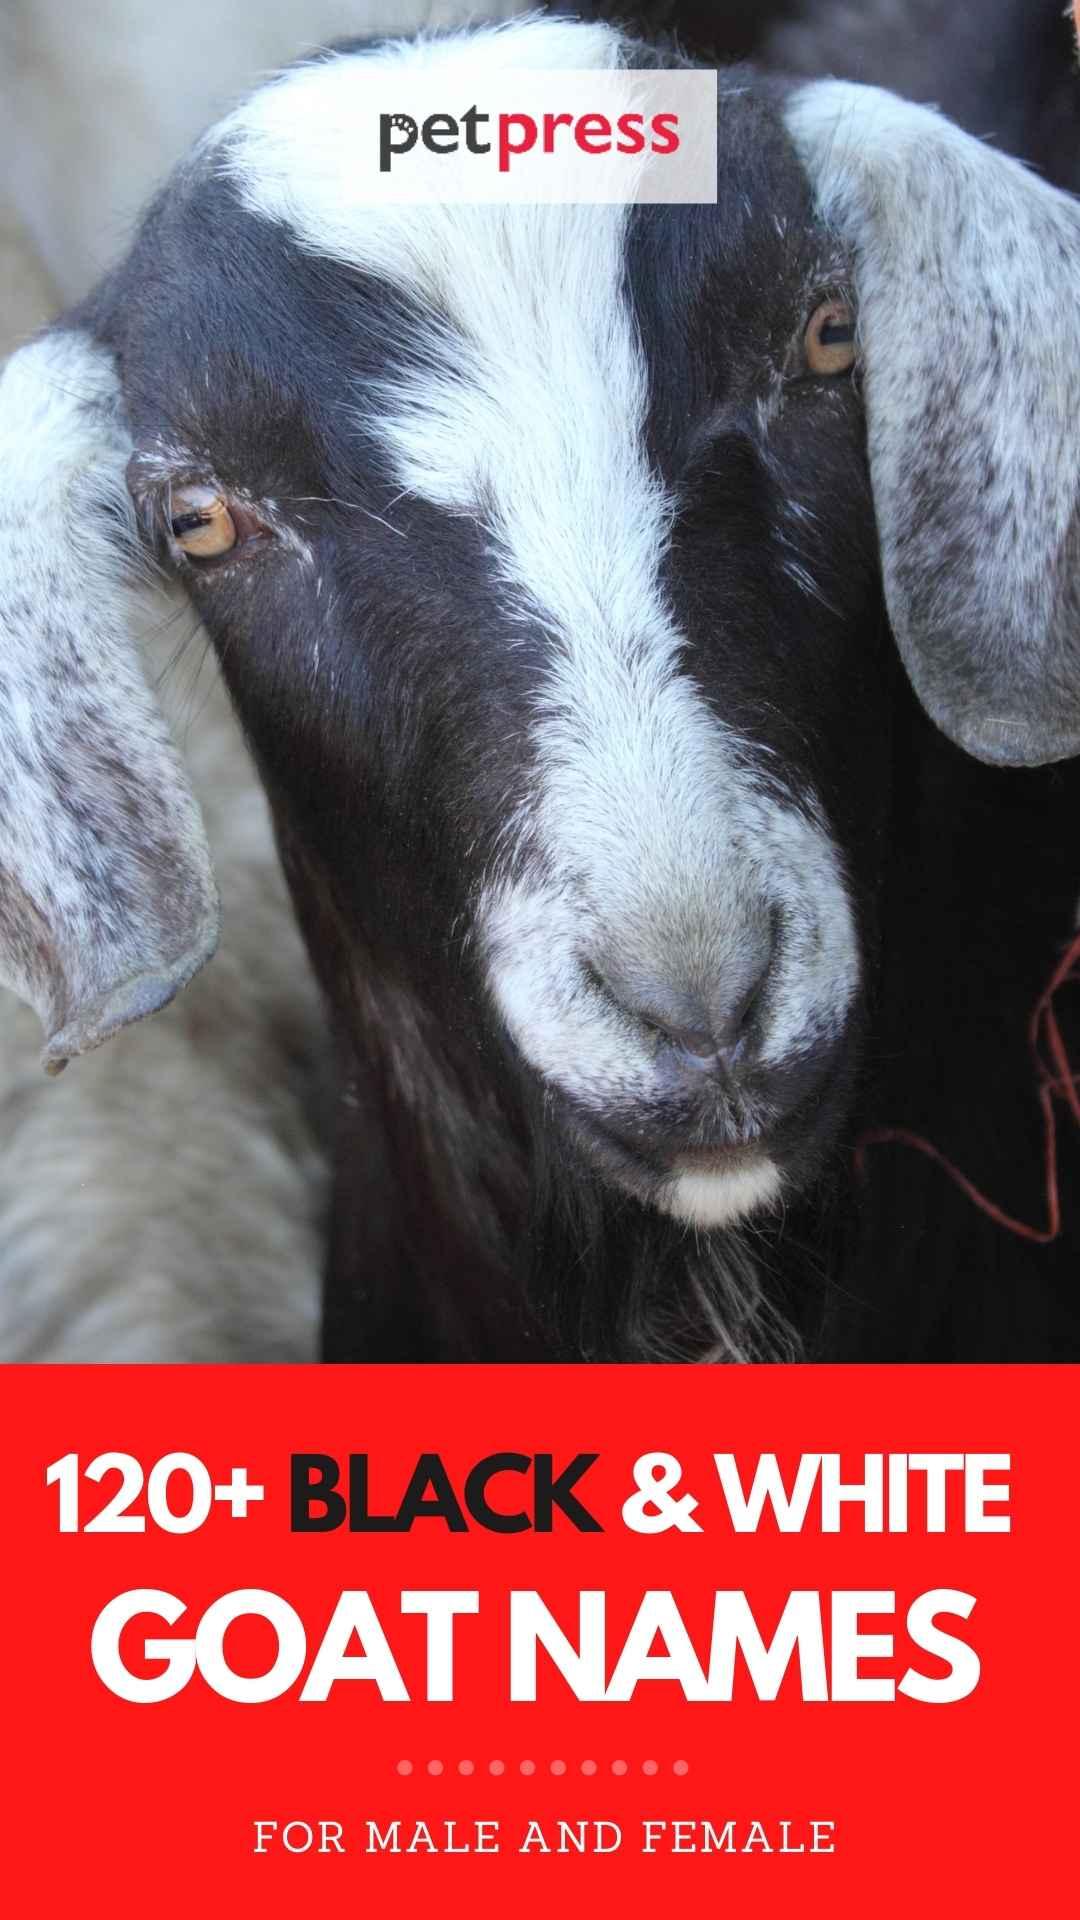 black & white goat names